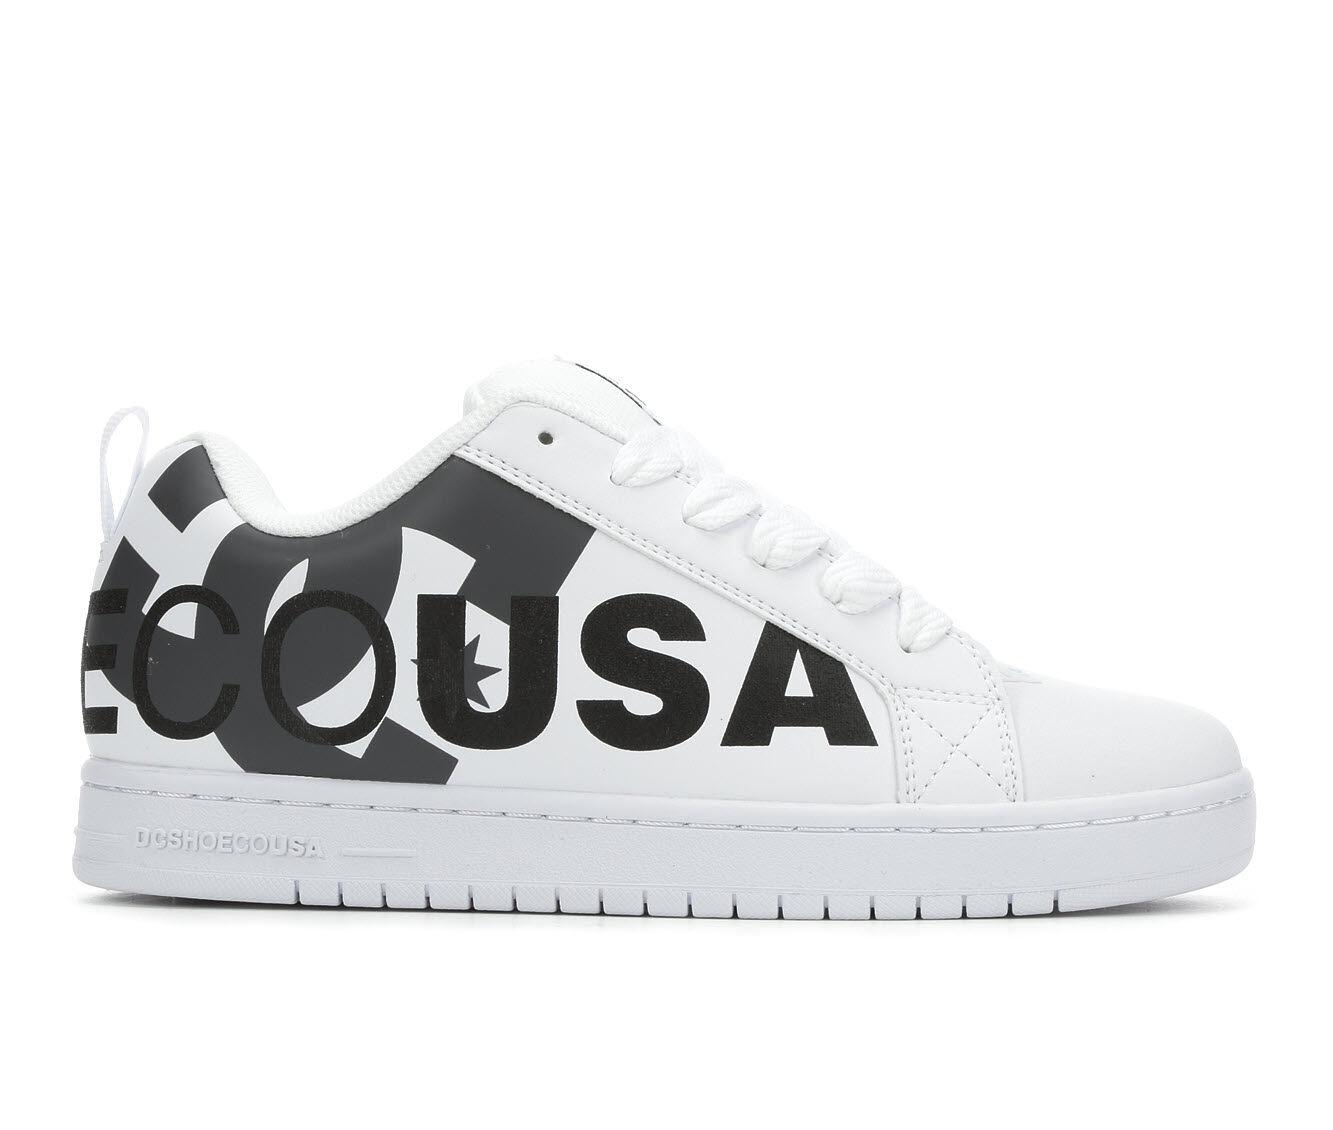 buy latest style Men's DC Court Graffik SE Skate Shoes Wh/Gy/Bk